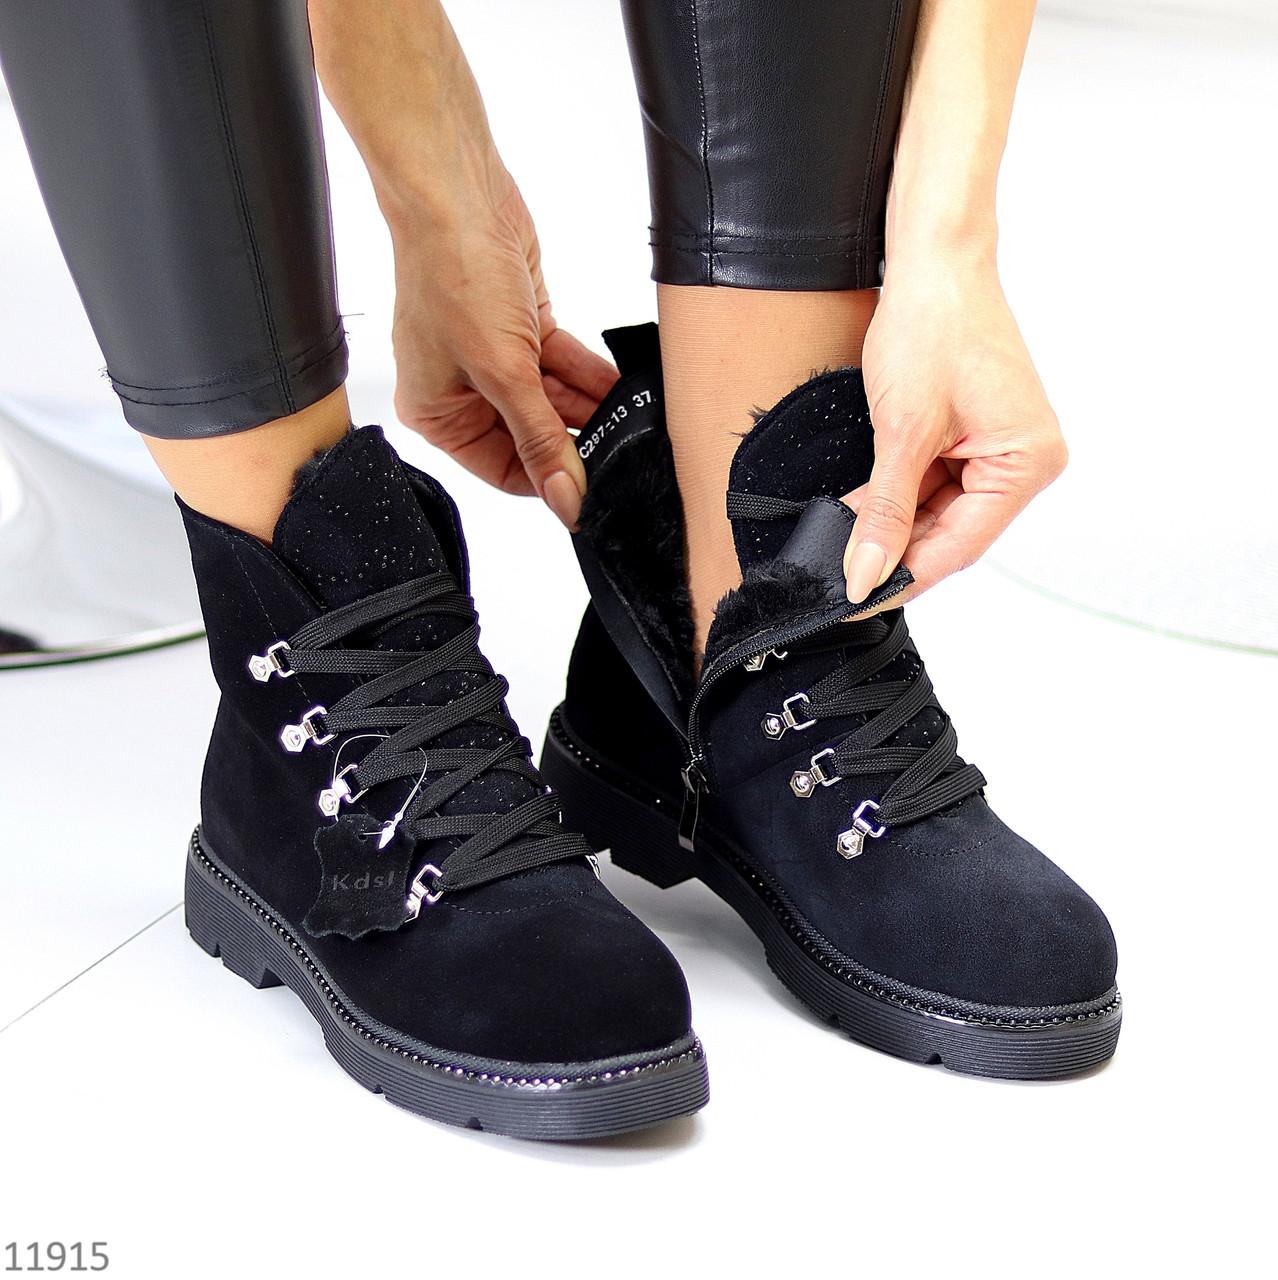 Модельные черные замшевые зимние женские ботинки натуральная замша молния + шнуровка